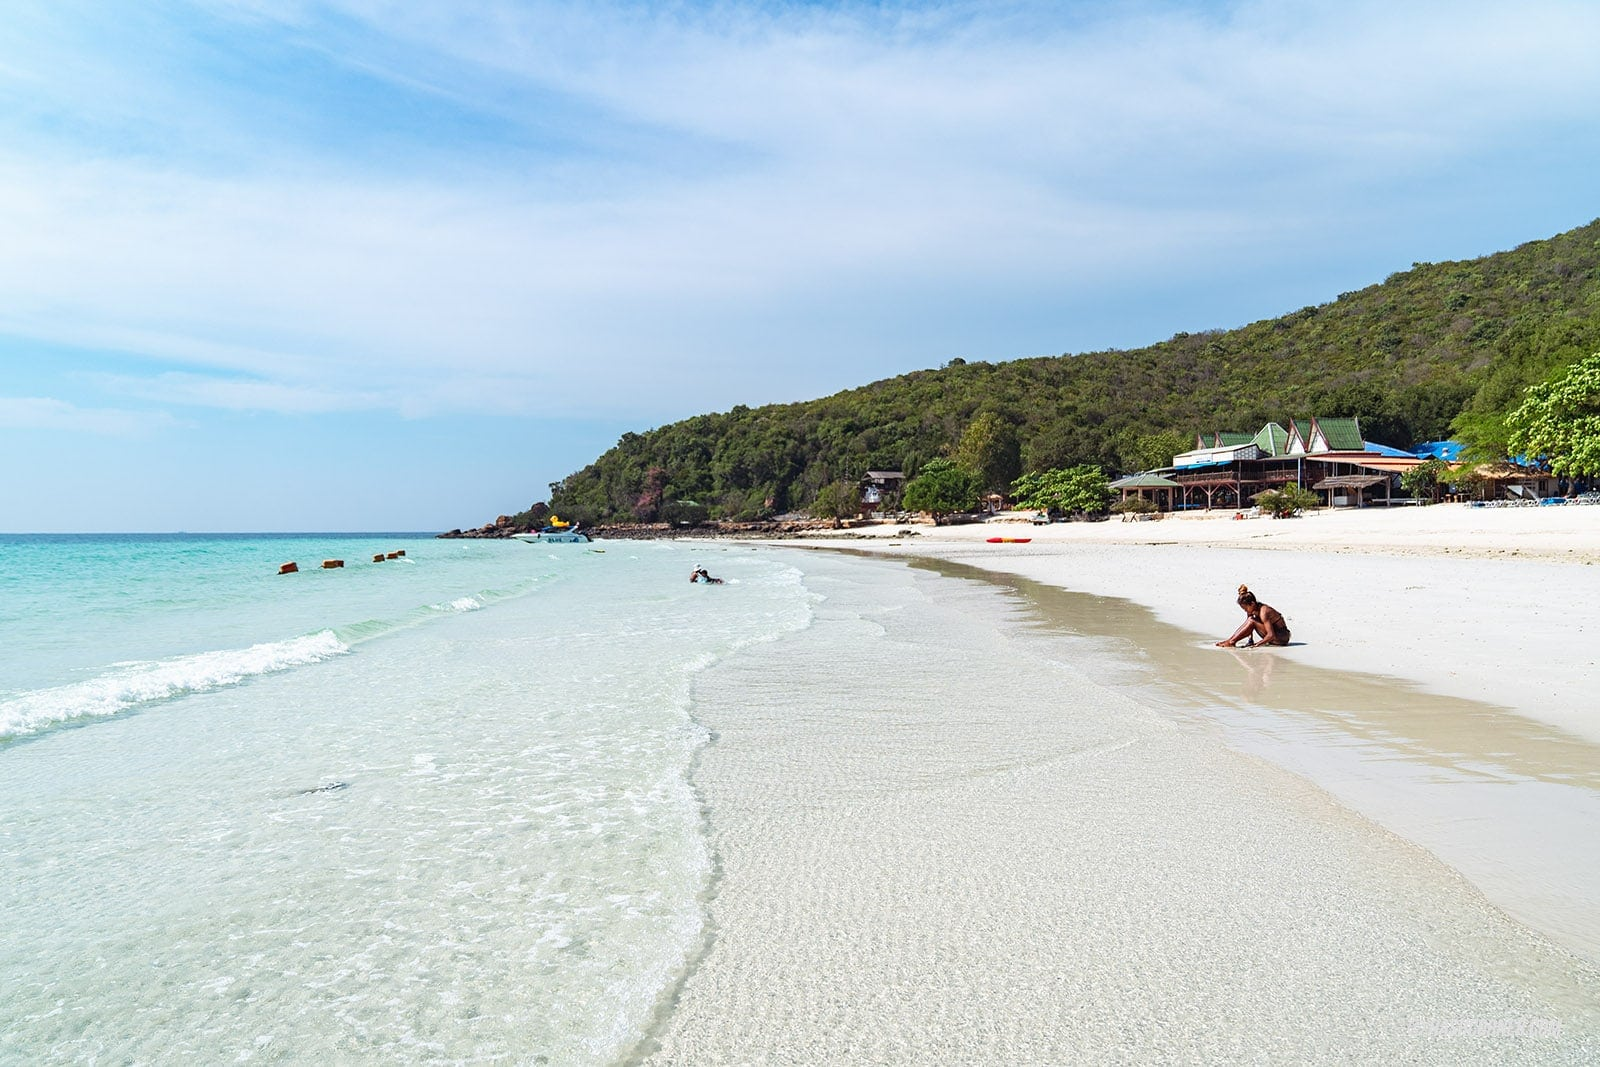 รีวิว เกาะล้าน x พัทยา : 13 ชายหาด-คาเฟ่ สุดปัง!